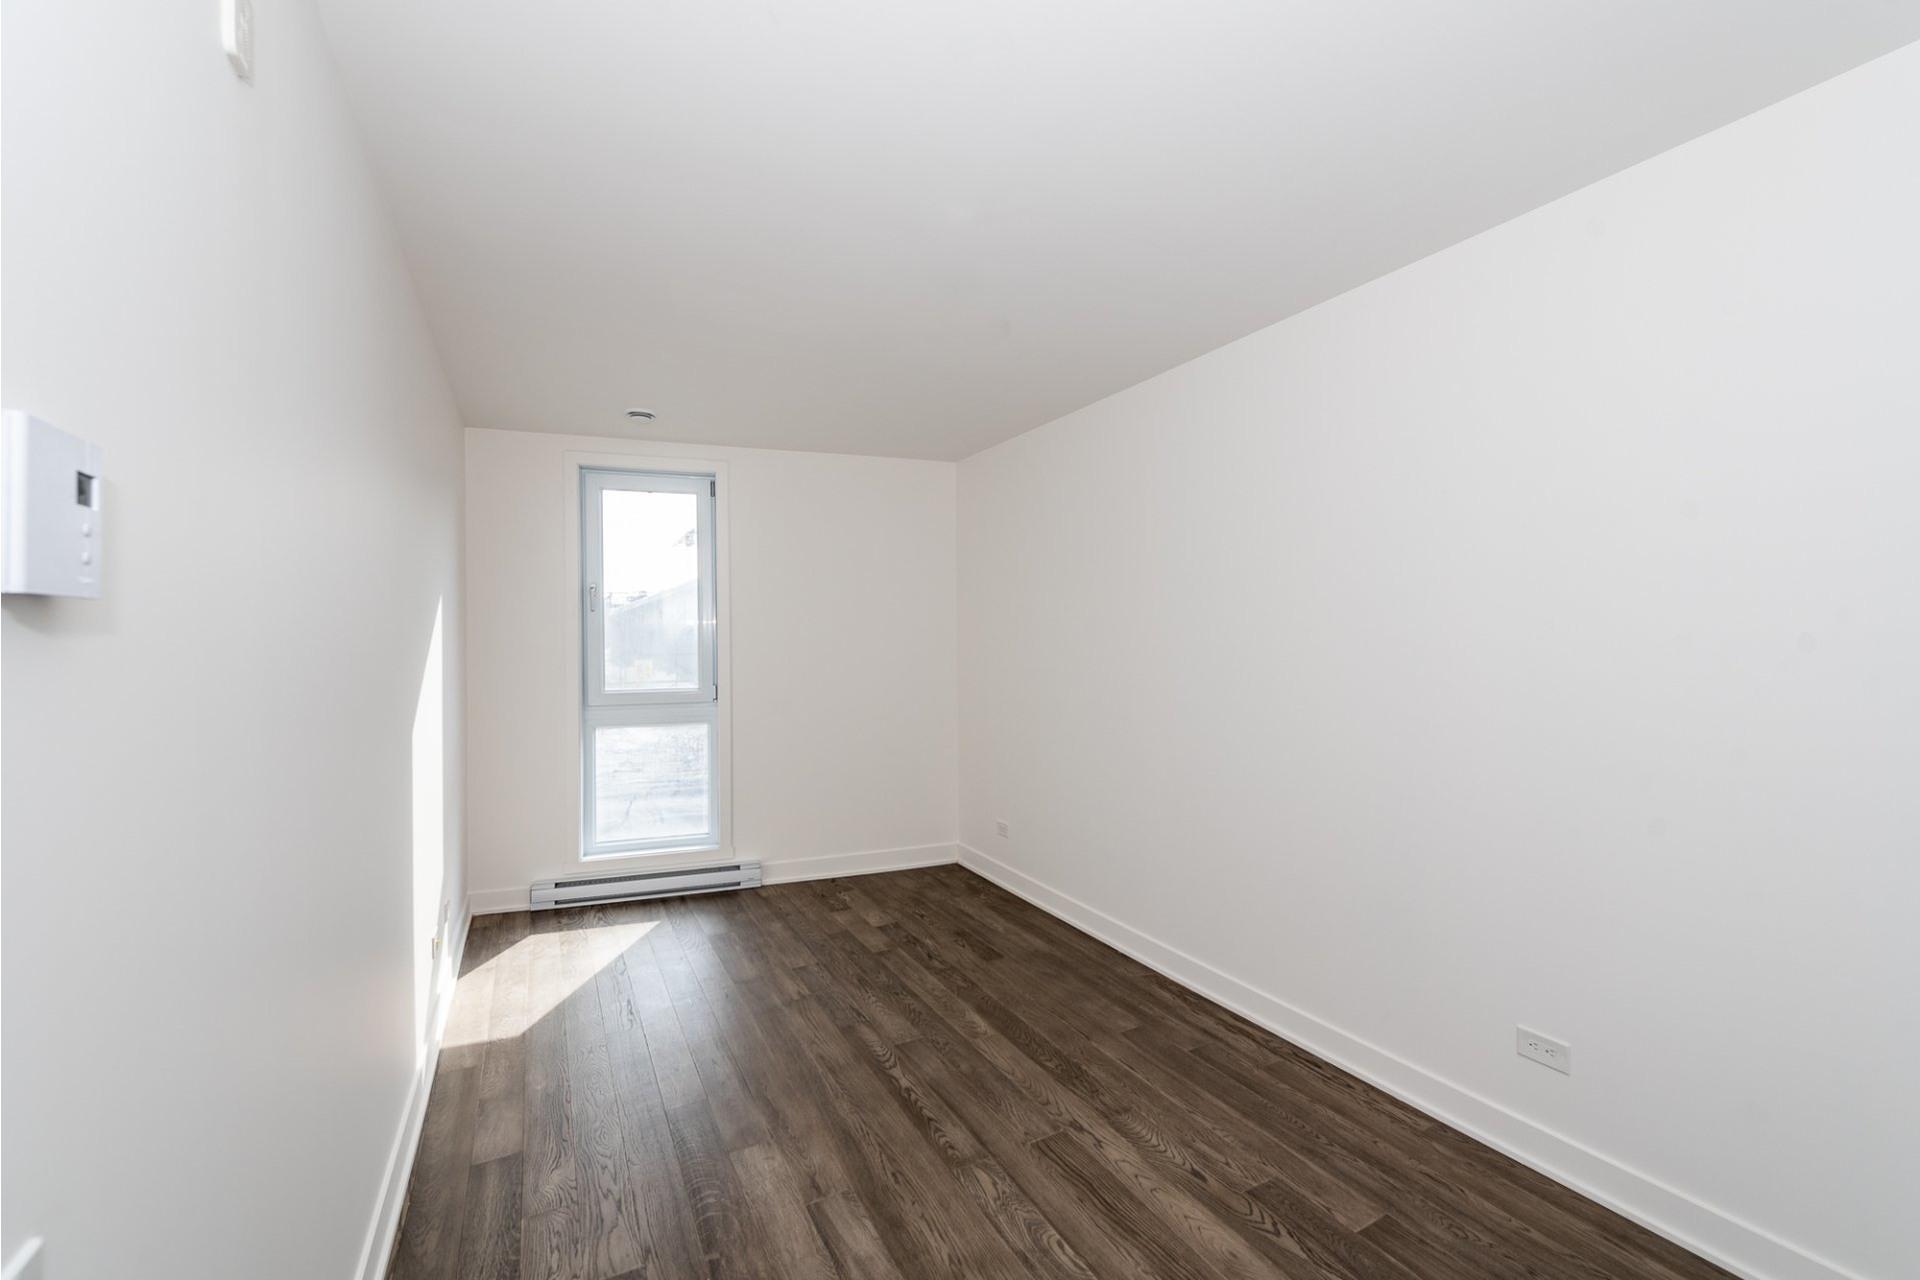 image 17 - Apartment For rent Villeray/Saint-Michel/Parc-Extension Montréal  - 5 rooms